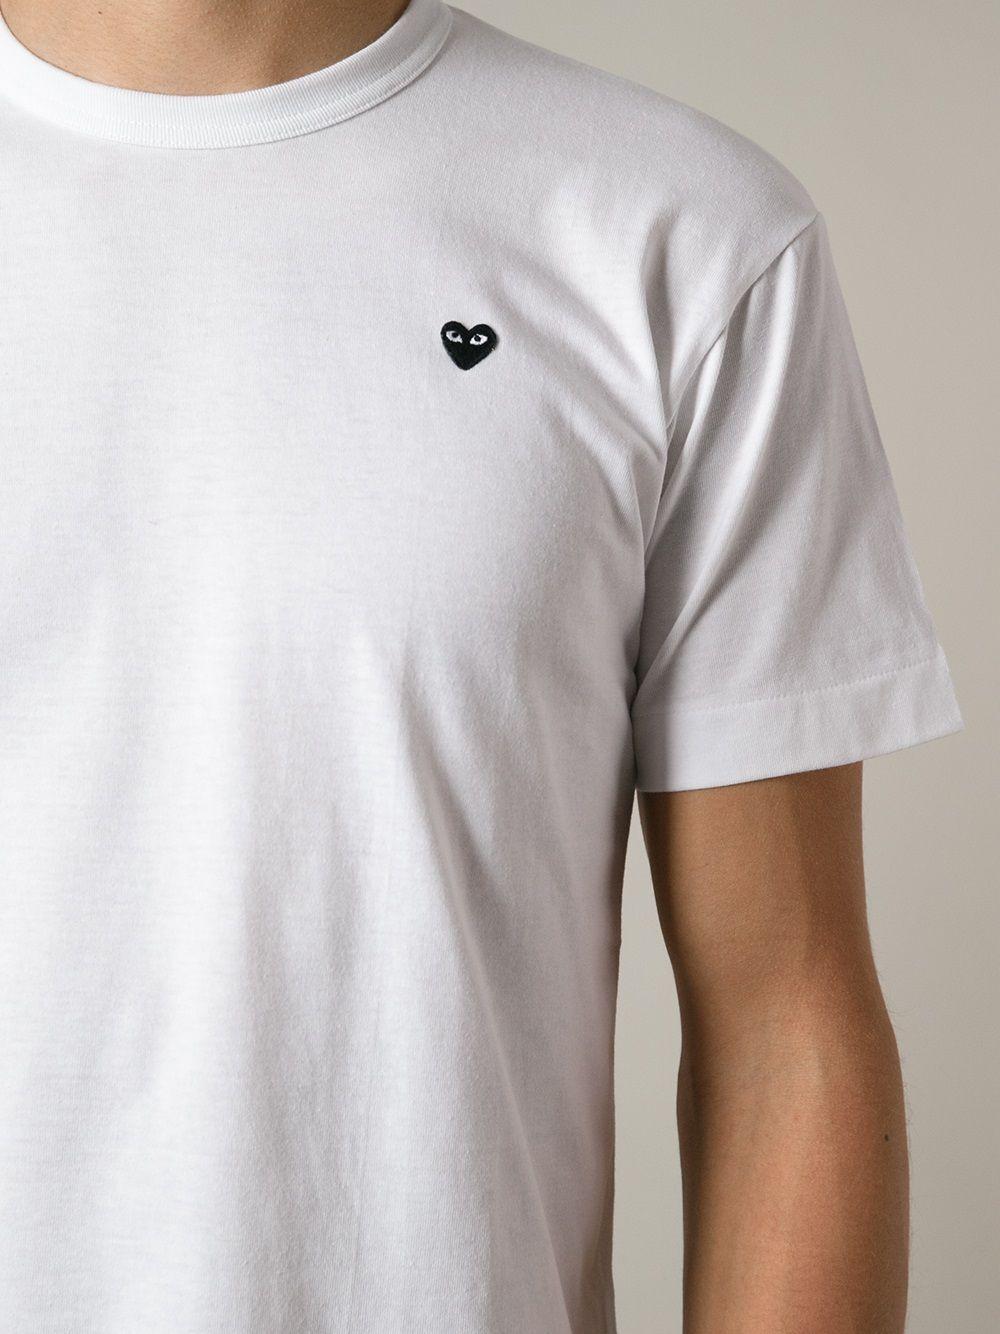 Comme Des Garçons Play | Comme Des Garcons Play футболка с маленьким сердцем | Clouty